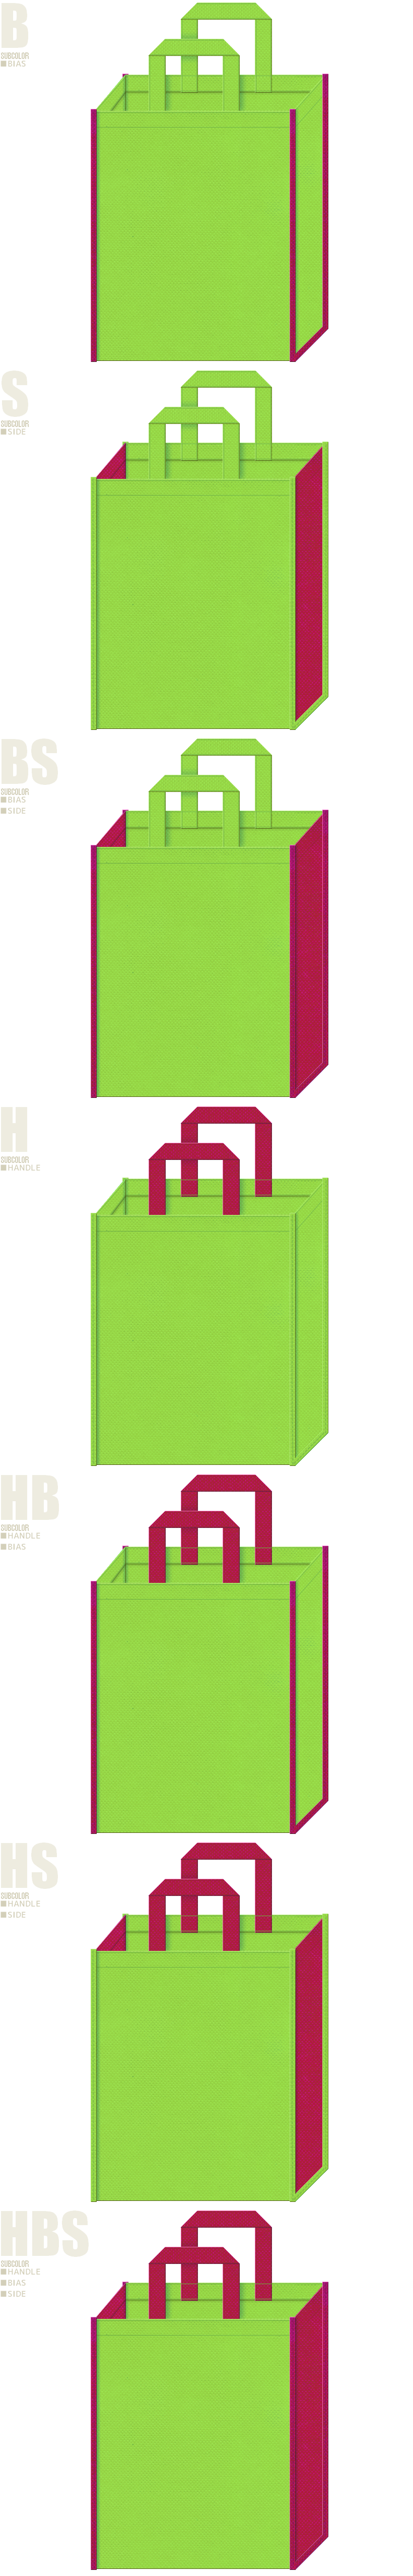 ロールプレイングゲーム・スポーツイベント・ドラゴンフルーツ・南国・トロピカル・カクテル・リゾート・トラベルバッグにお奨めの不織布バッグデザイン:黄緑色と濃いピンク色の配色7パターン